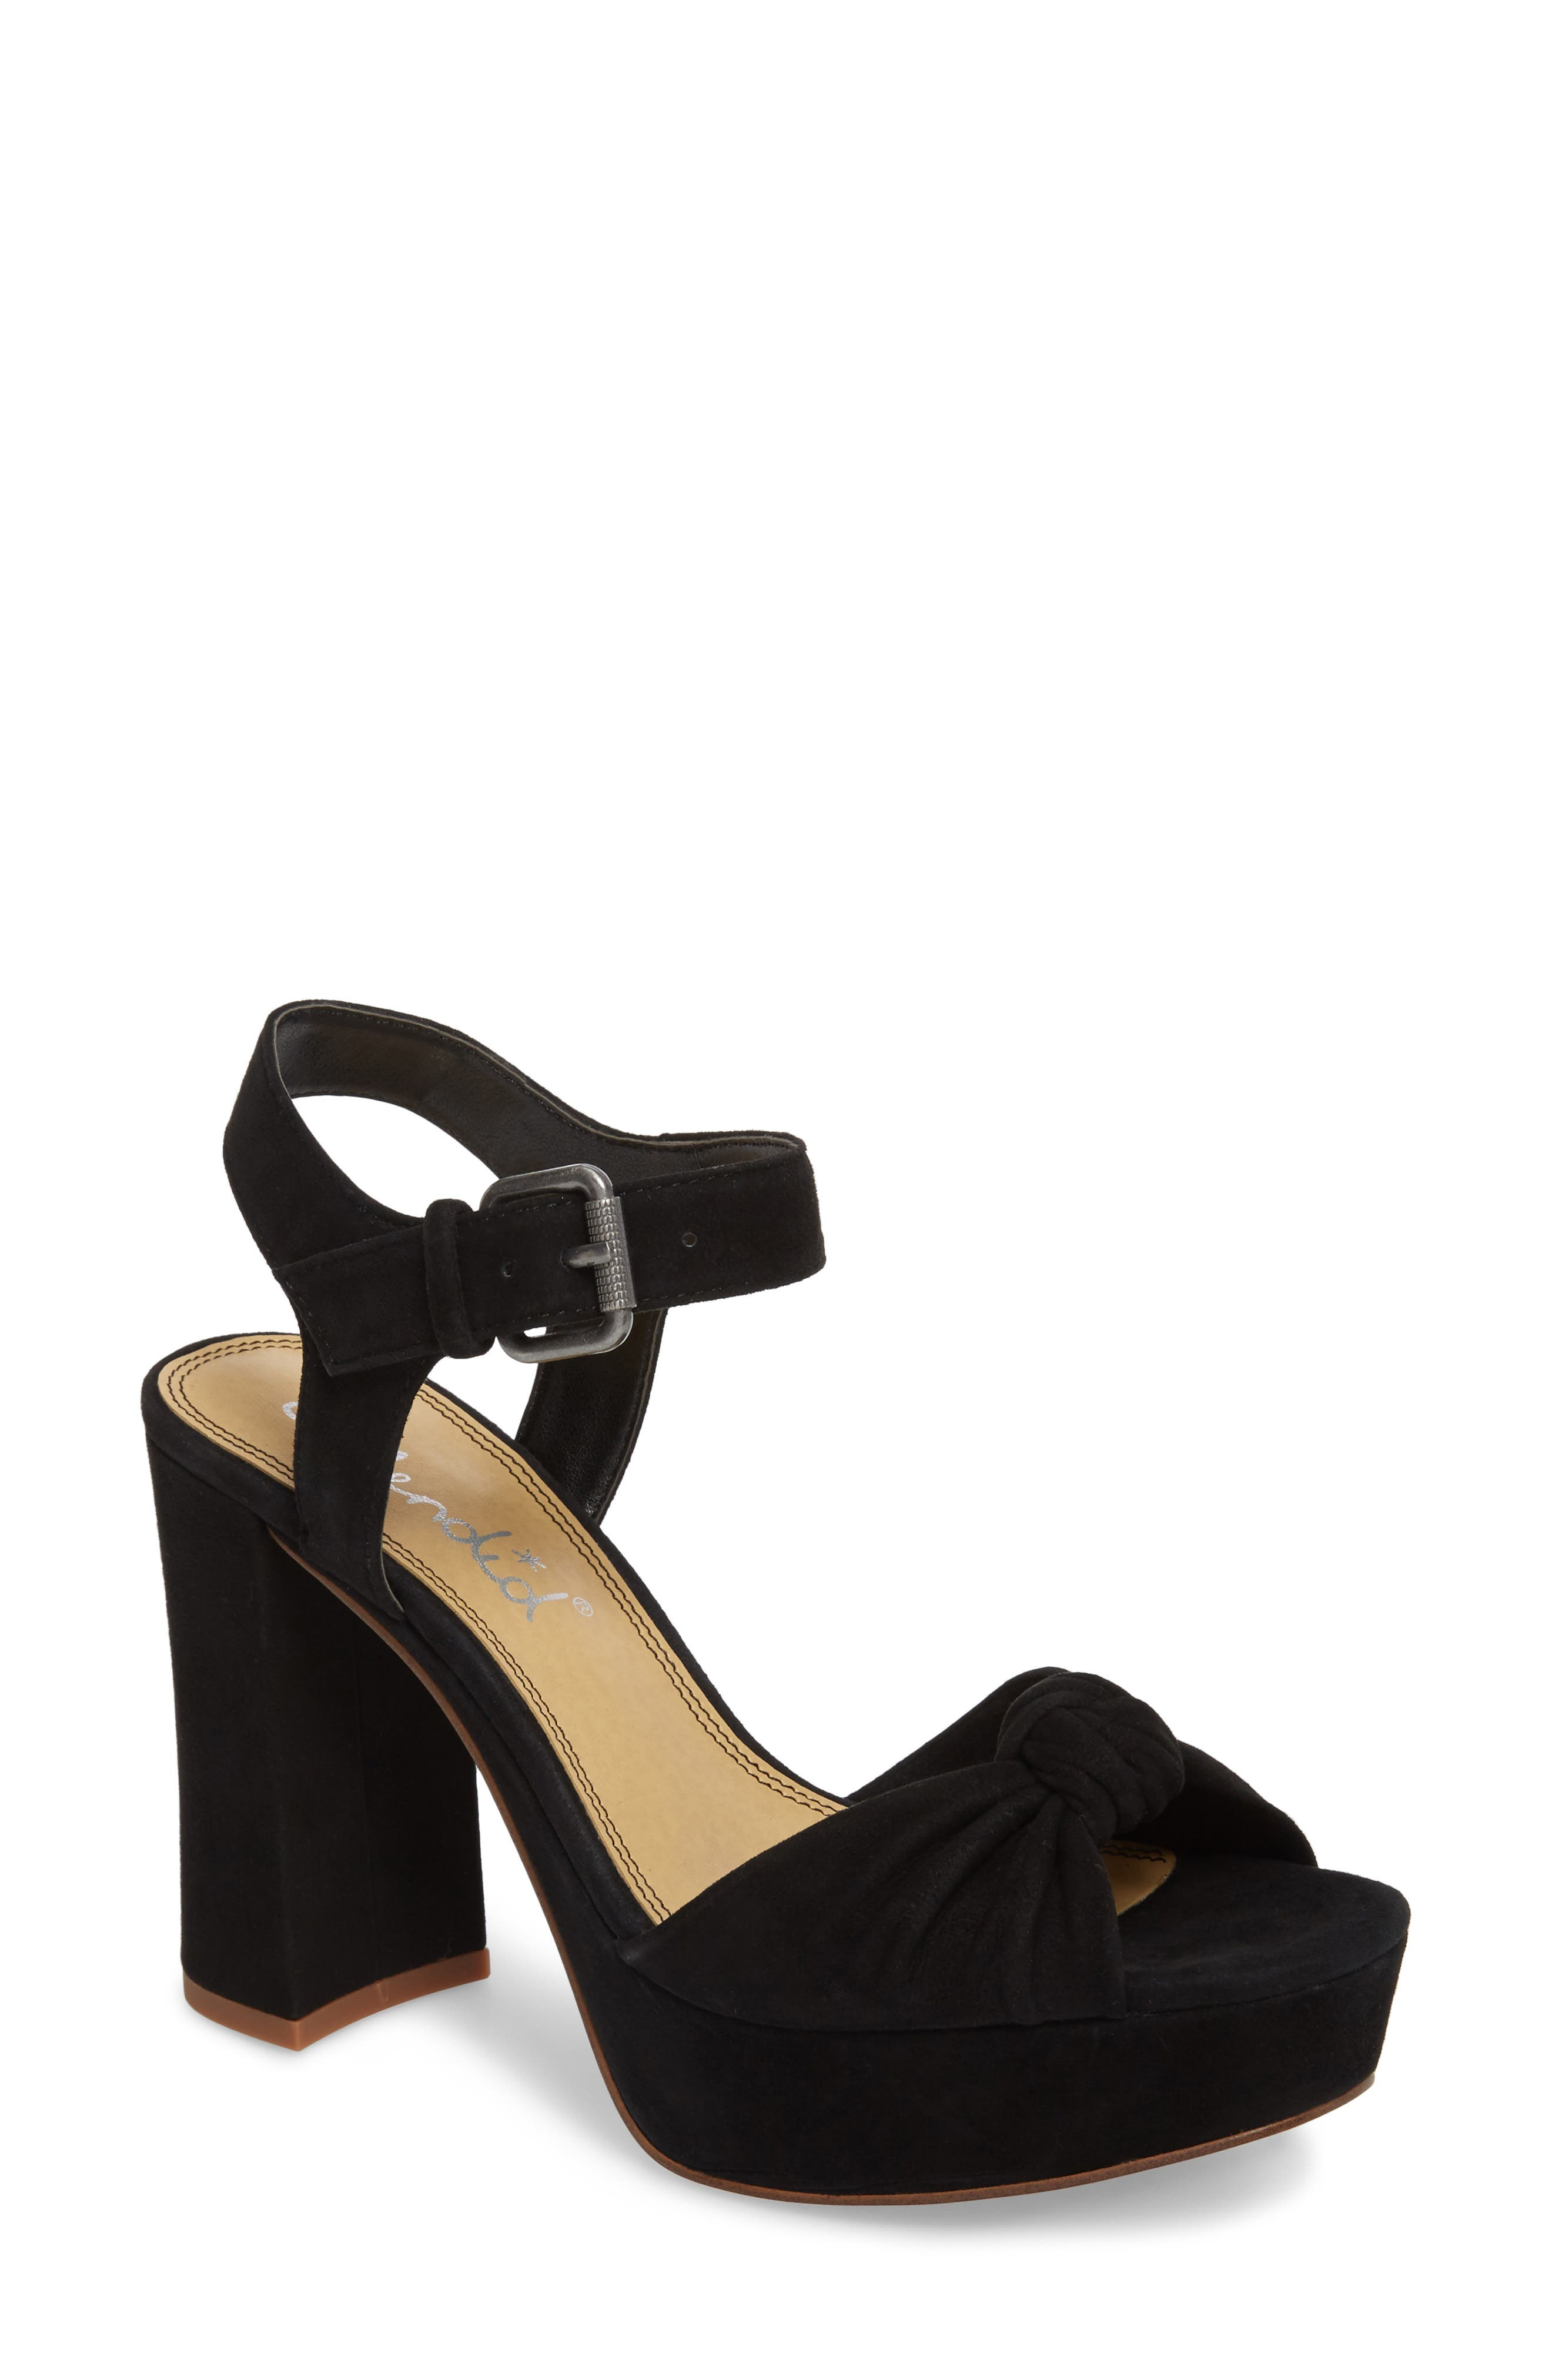 Bates Platform Sandal,                             Main thumbnail 1, color,                             BLACK SUEDE